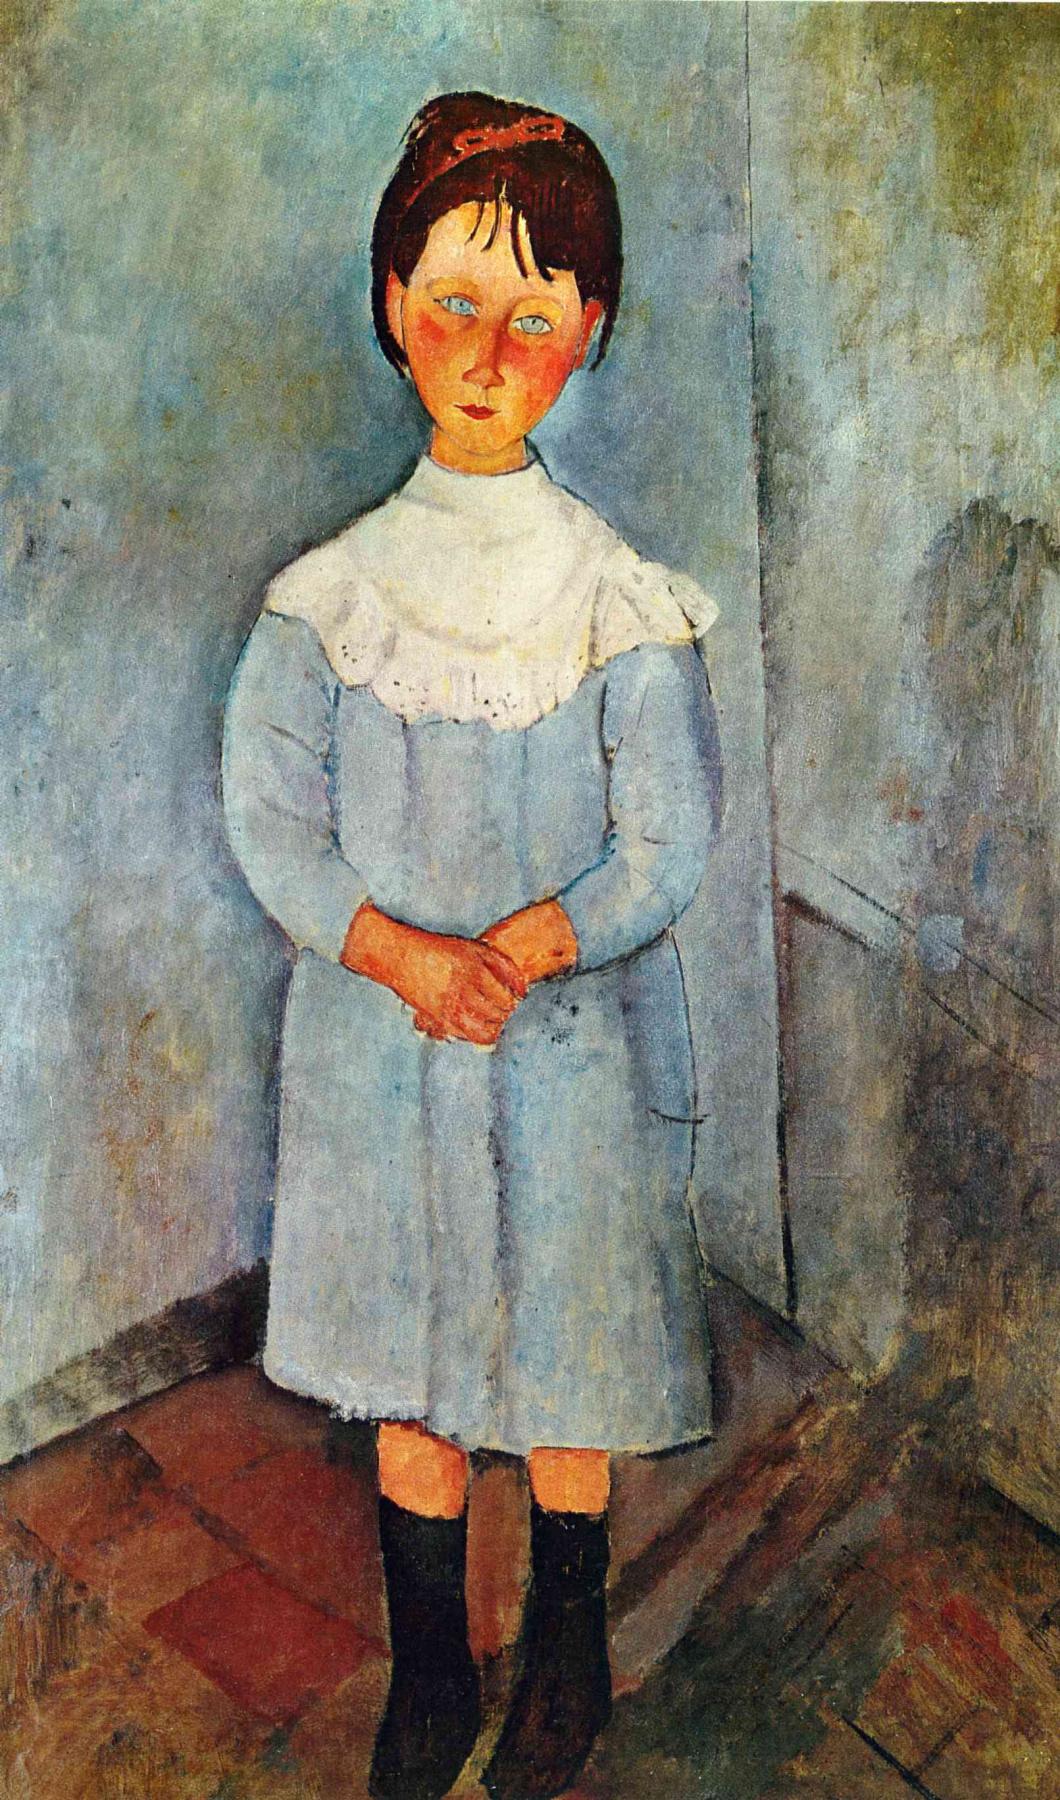 Amedeo Modigliani. Girl in a blue dress